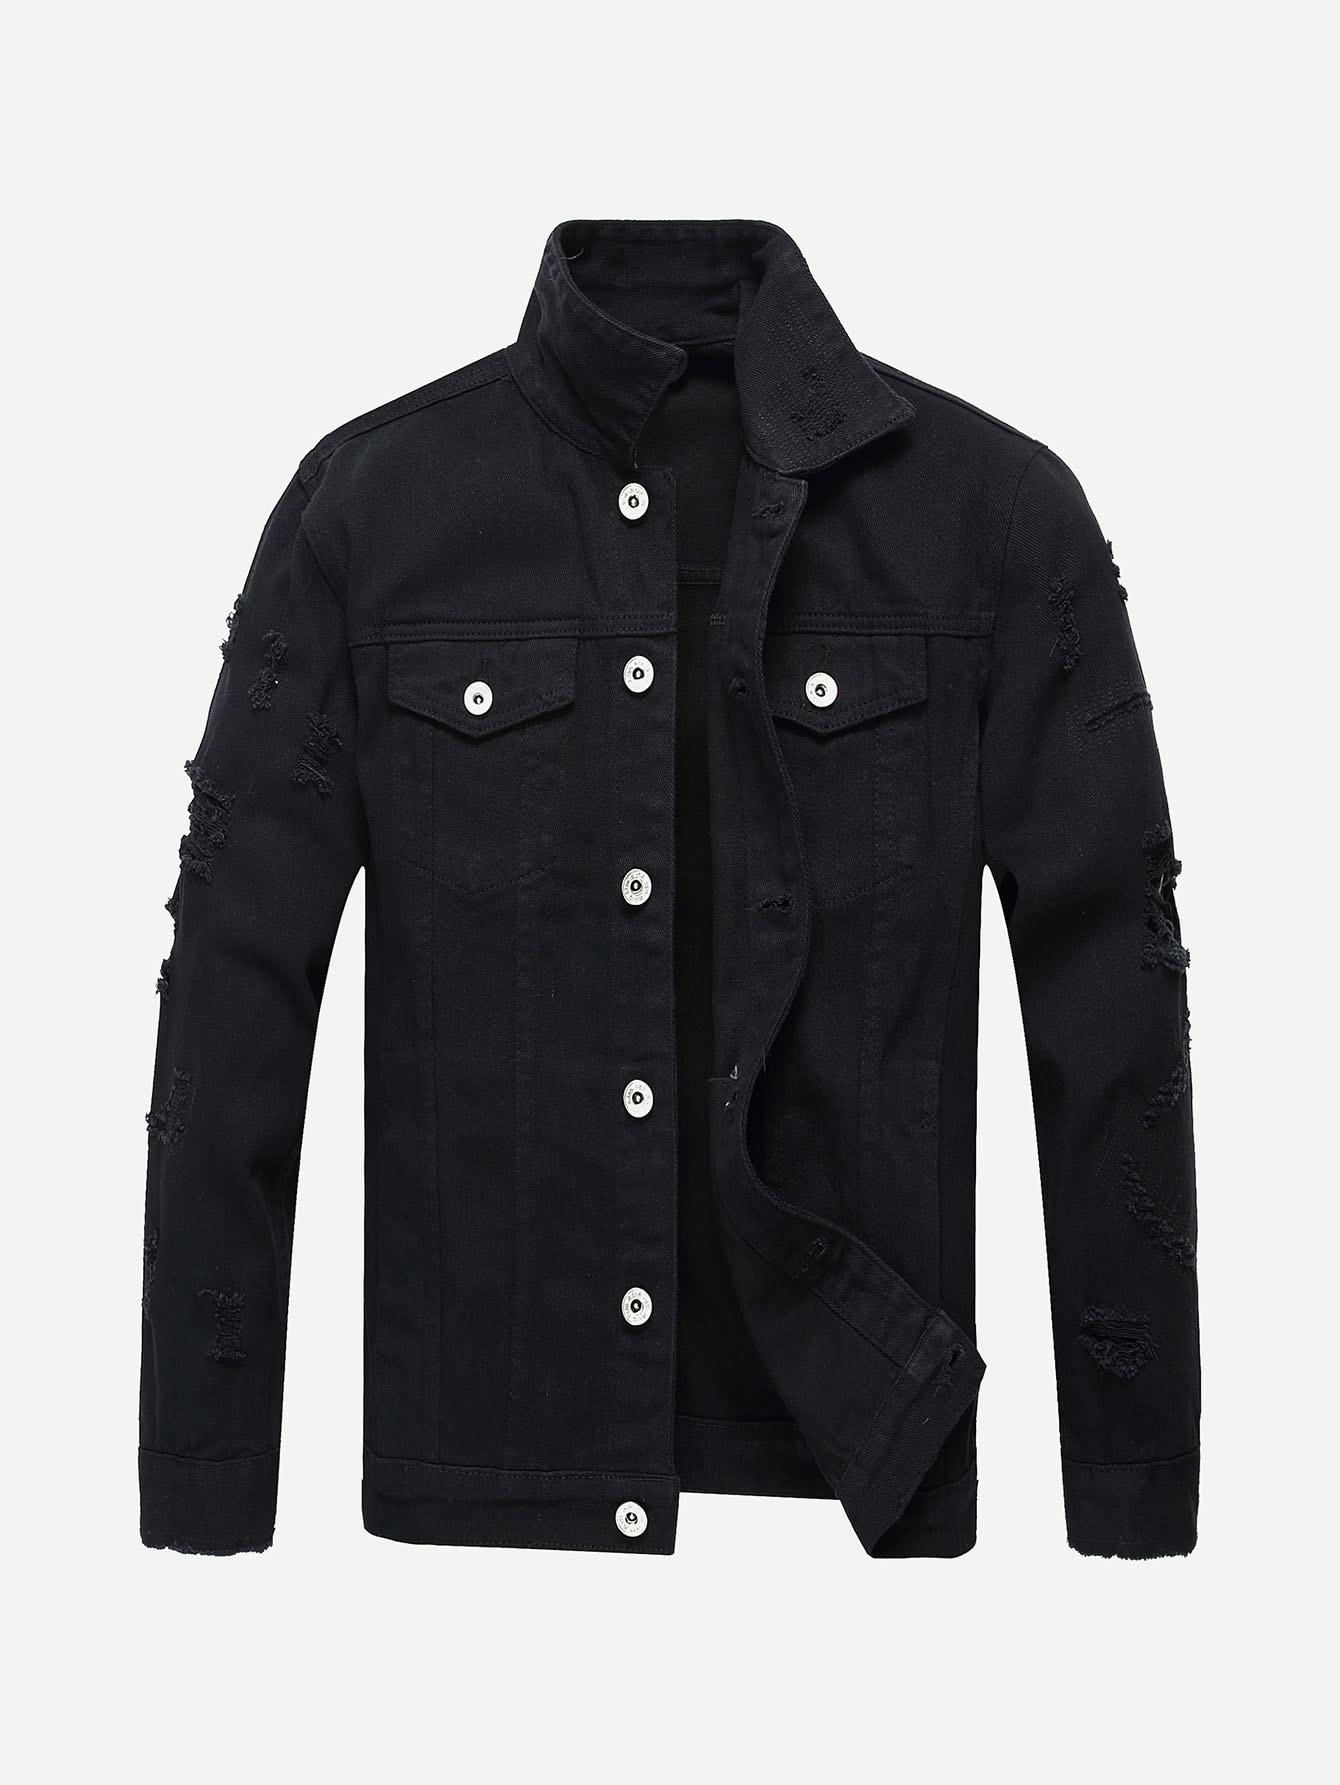 Мужчины Разорвал Сплошной Деним Куртка